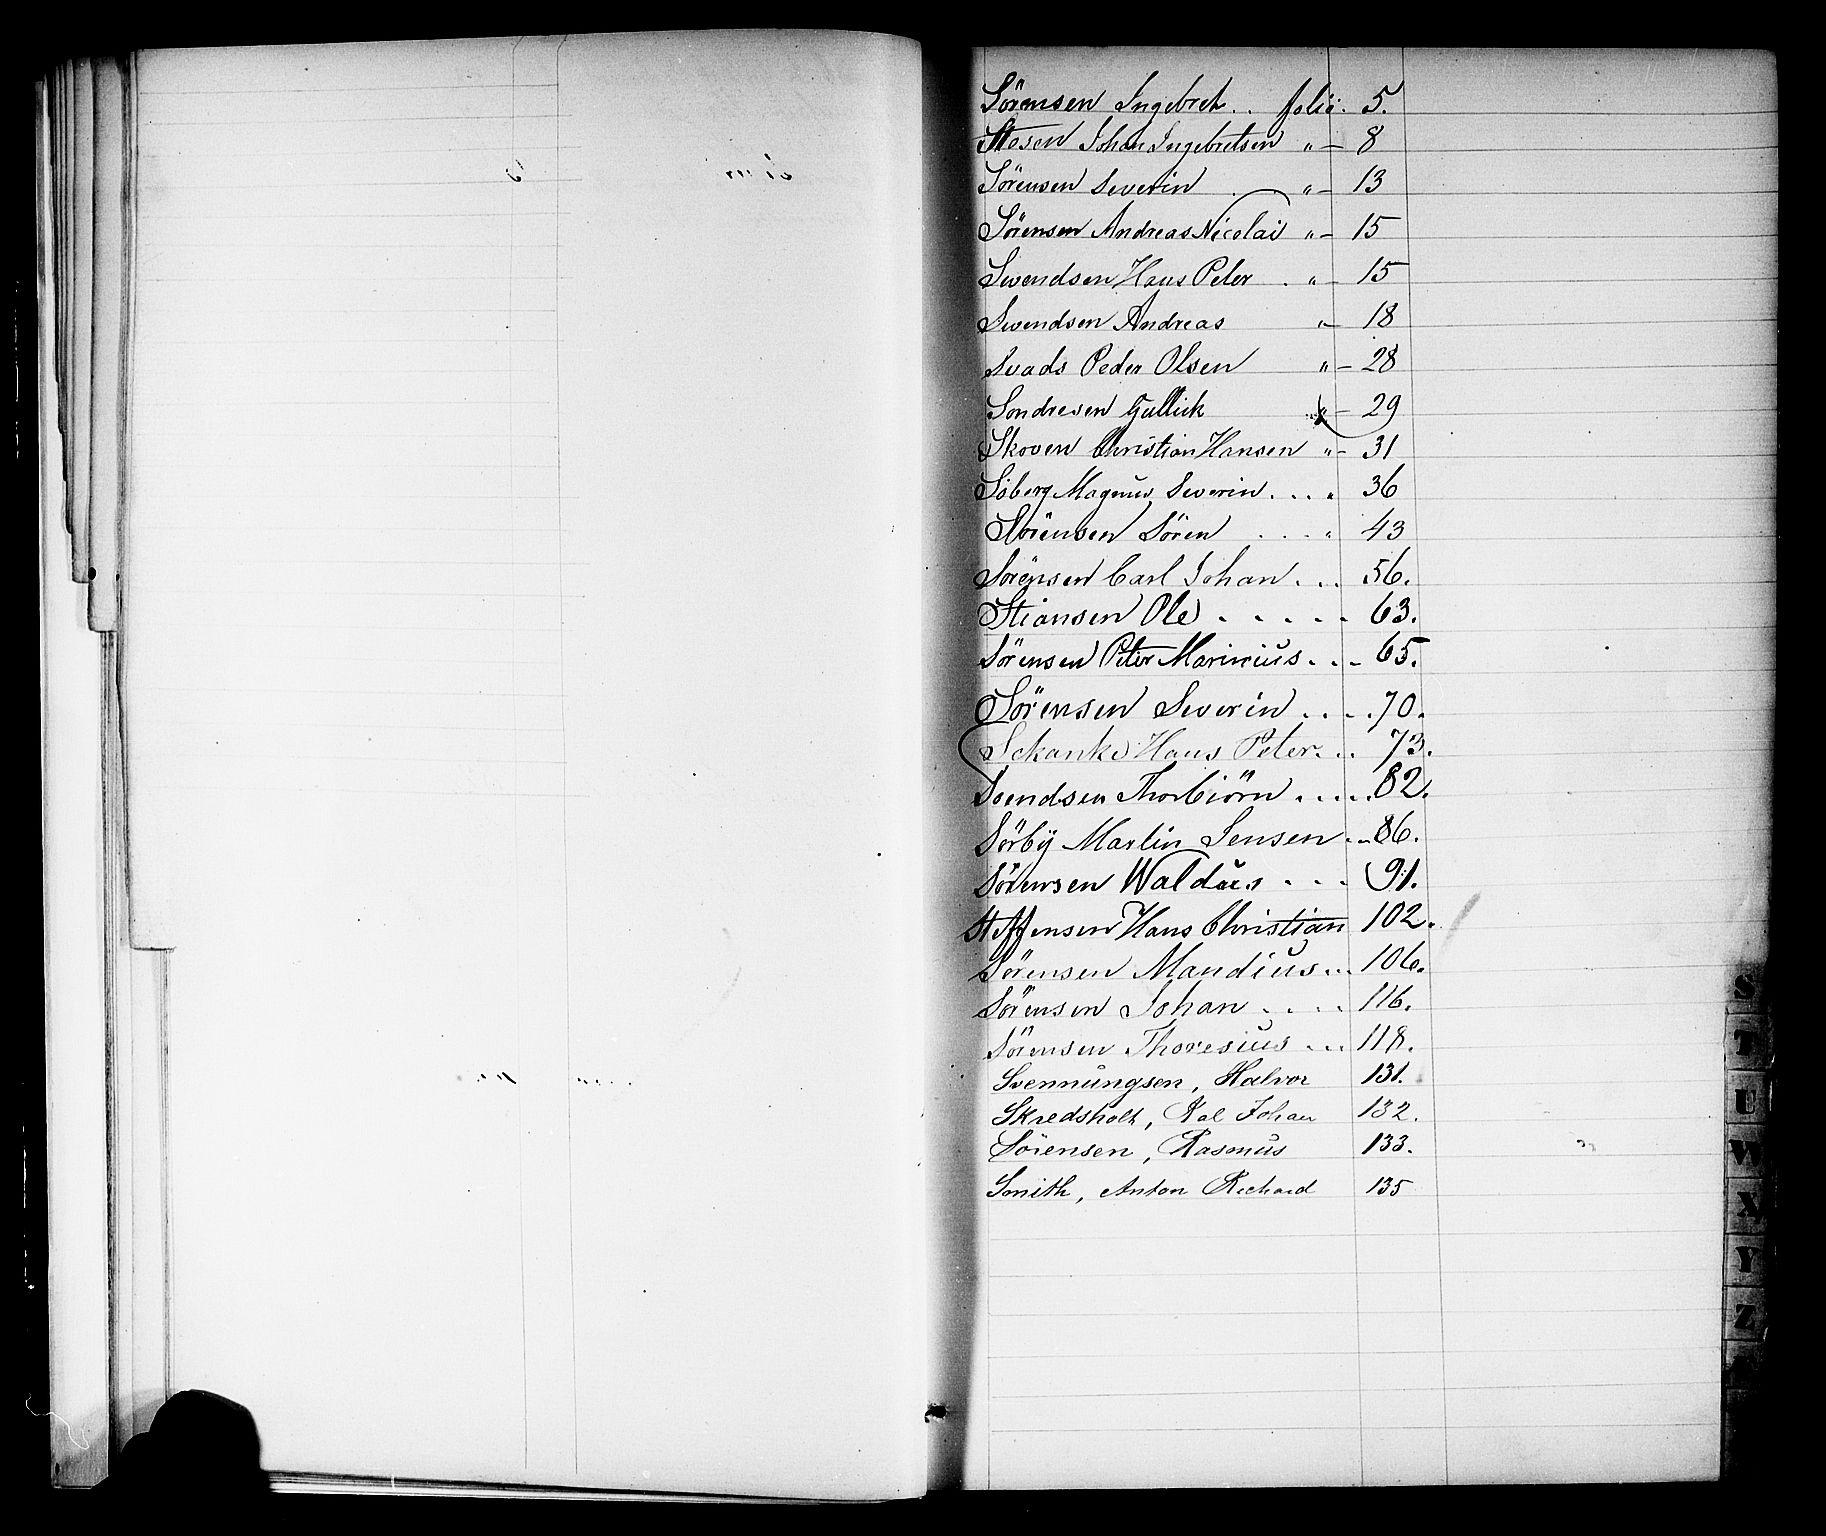 SAKO, Porsgrunn innrulleringskontor, F/Fb/L0001: Annotasjonsrulle, 1860-1868, s. 20